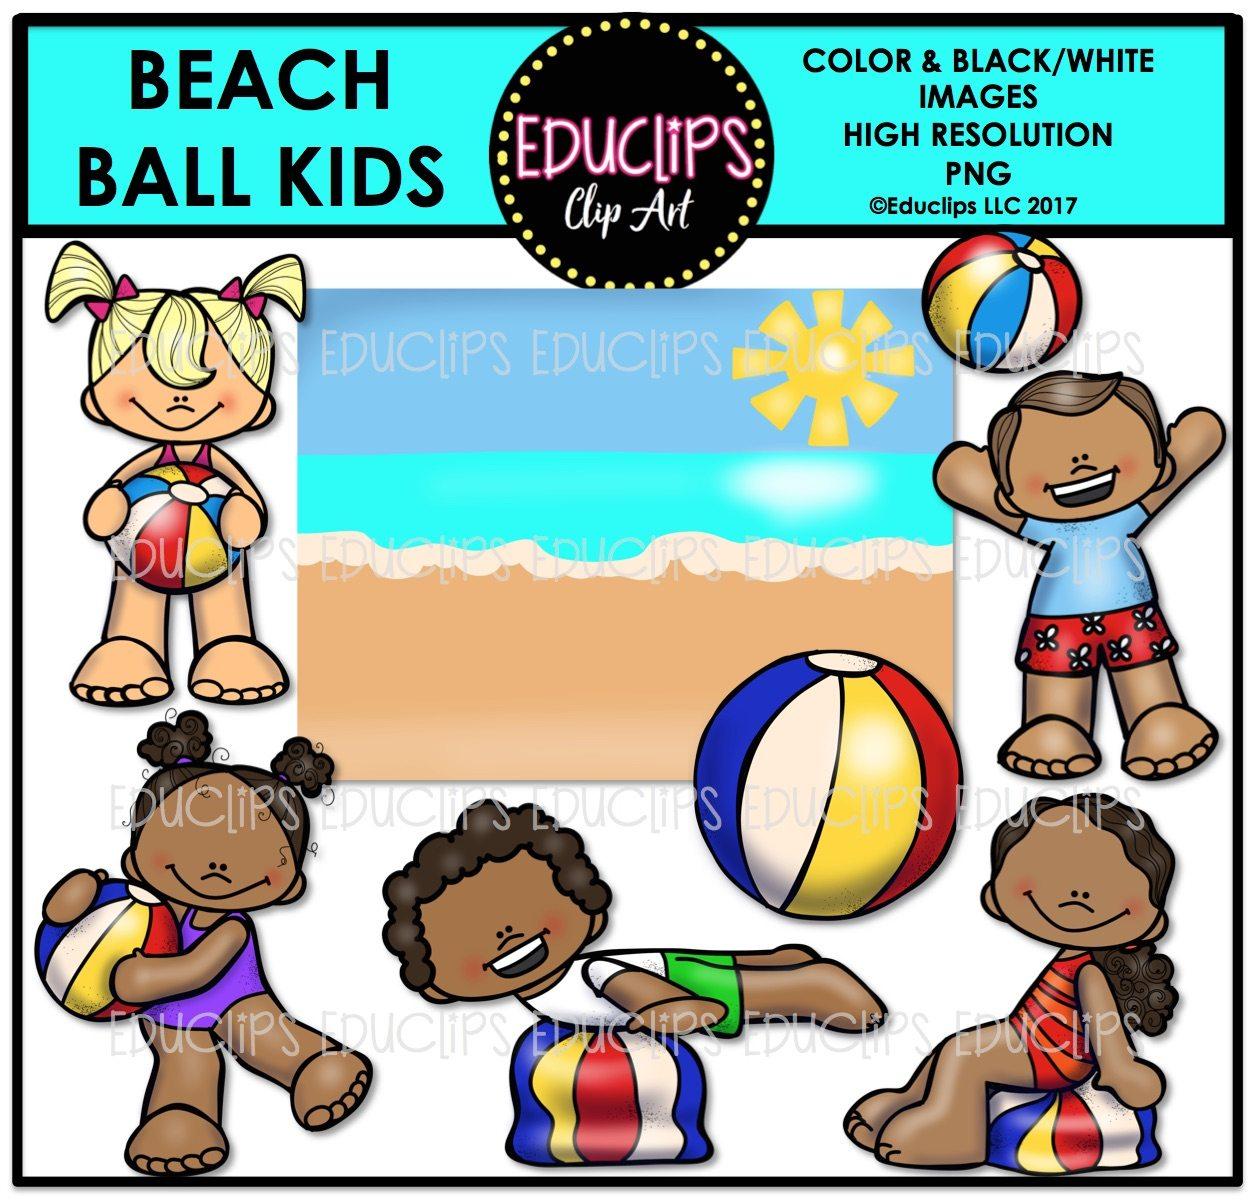 Beachball clipart simple beach. Ball kids clip art